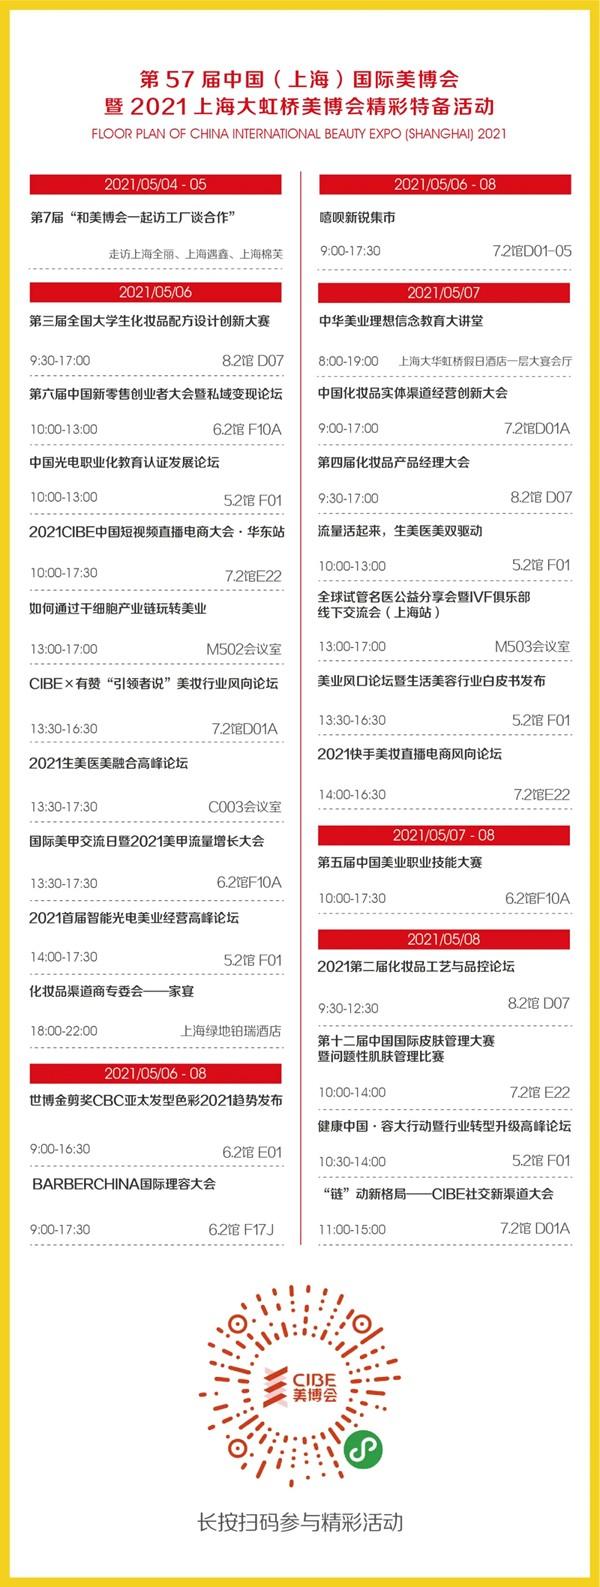 Get超全逛展指南 上海大虹桥美博会入场无忧+获取重磅福利!